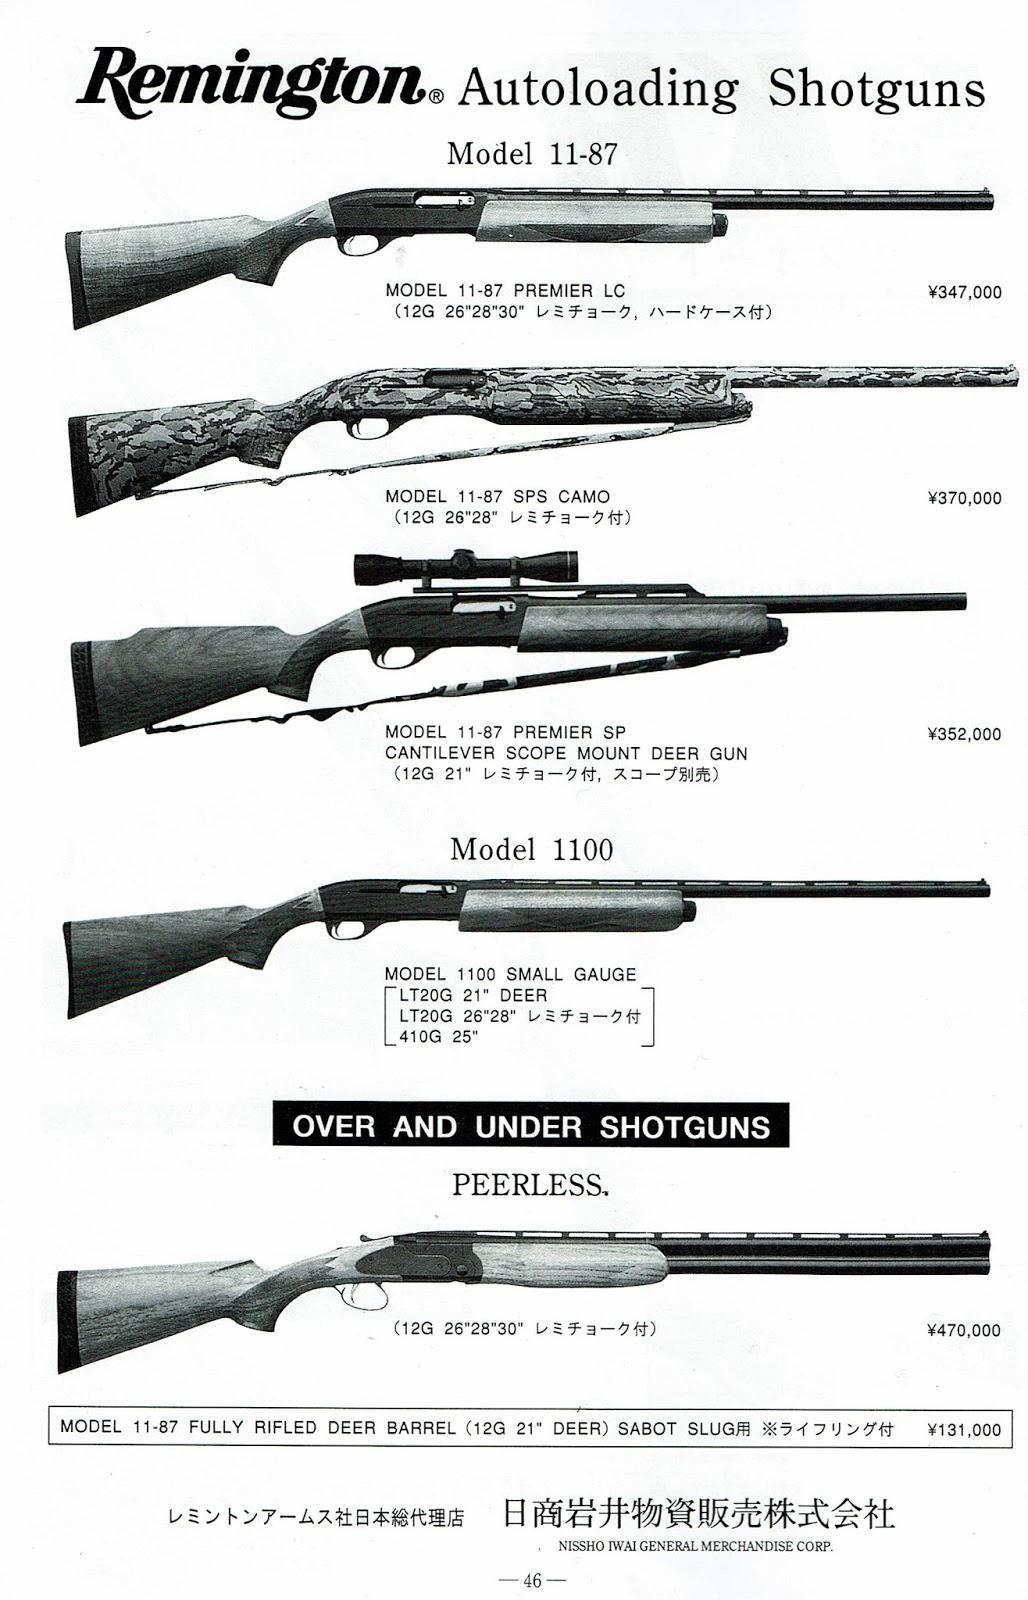 狩猟メモ: スムースボアのカンチレバー銃身